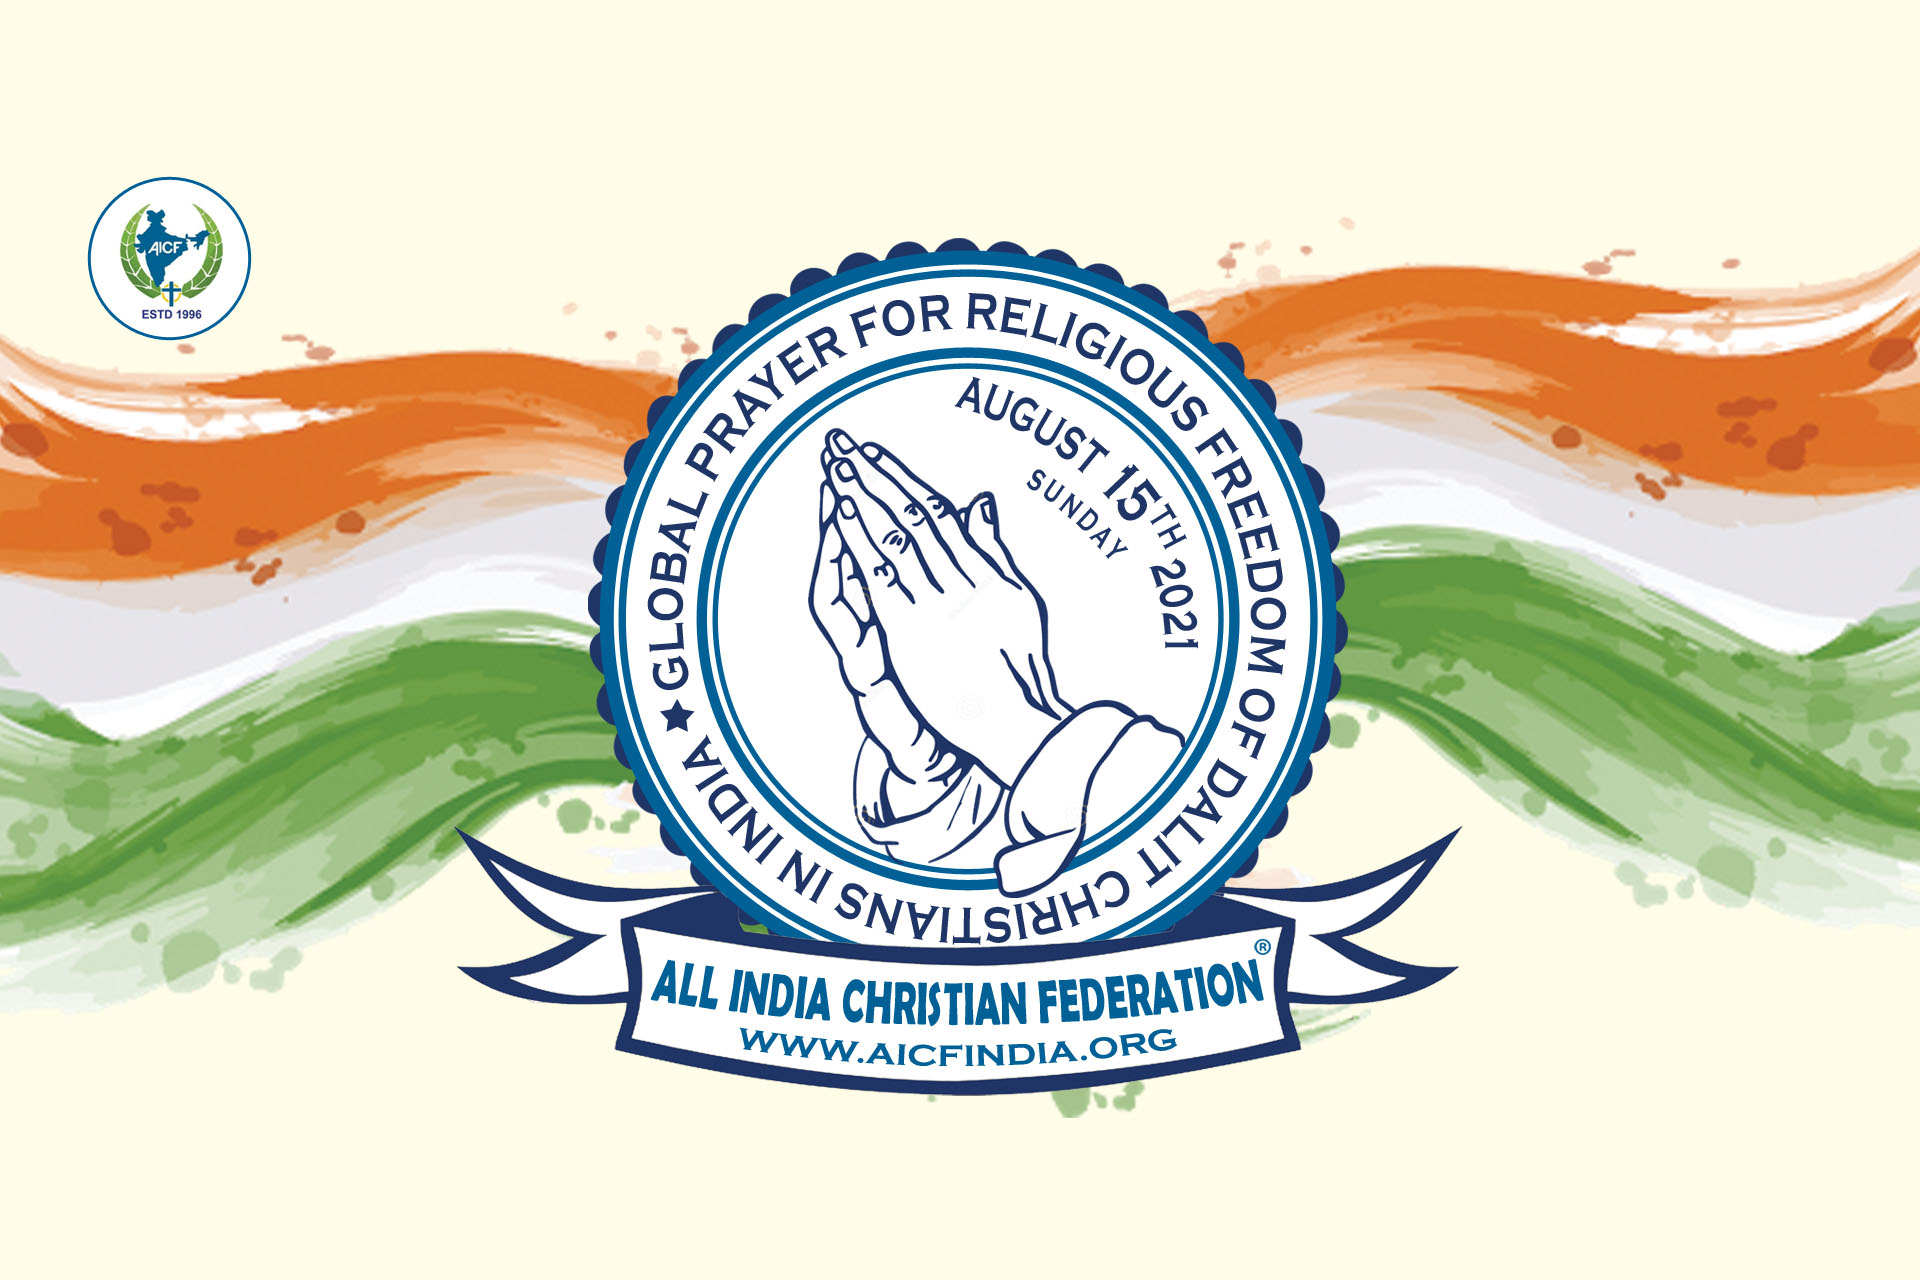 AICF India